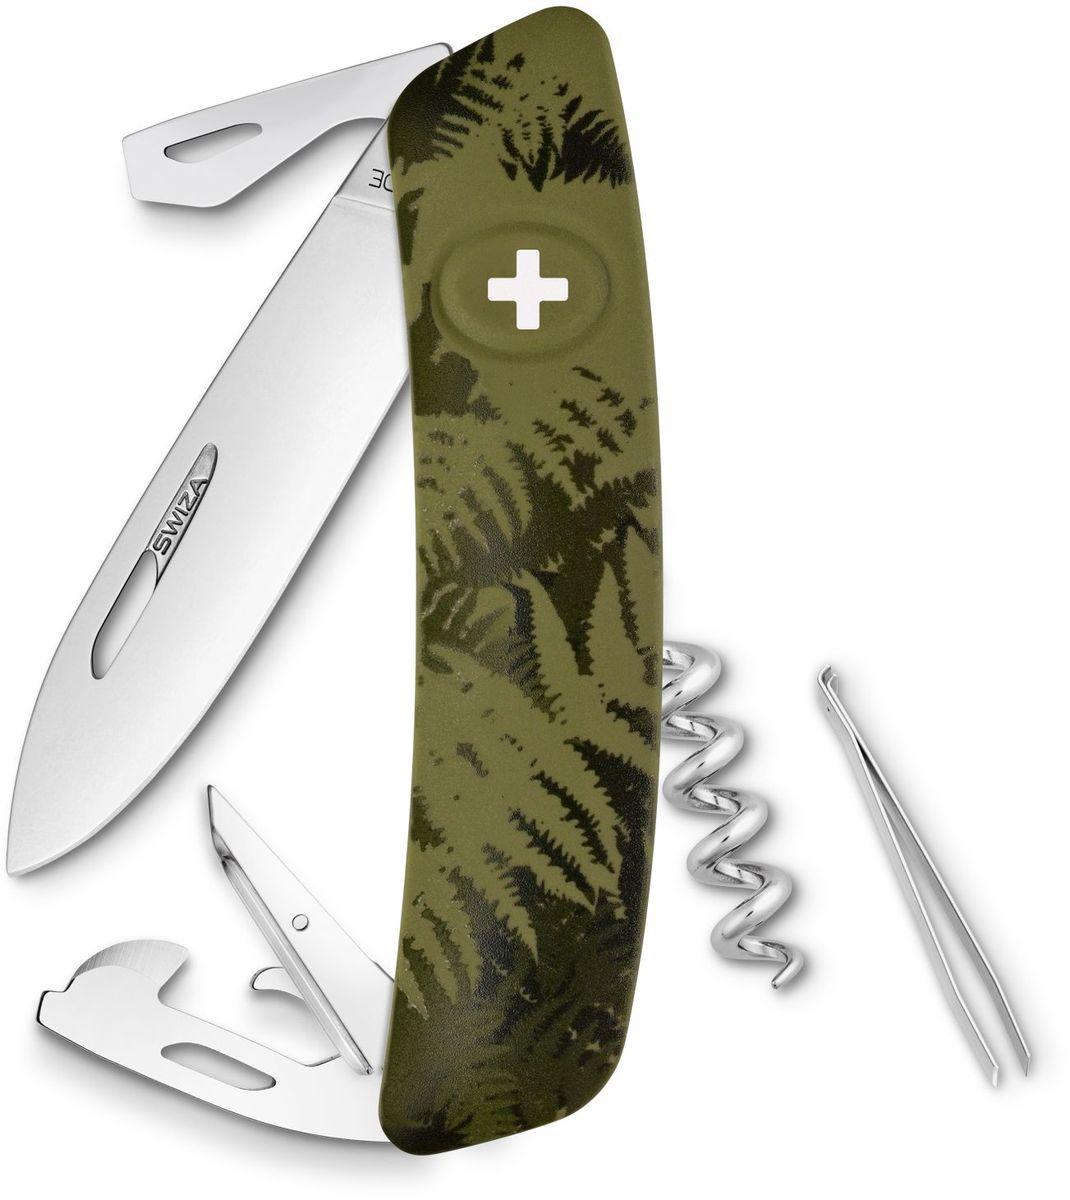 Нож швейцарский SWIZA С03, цвет: темно-зеленый, длина клинка 7,5 см